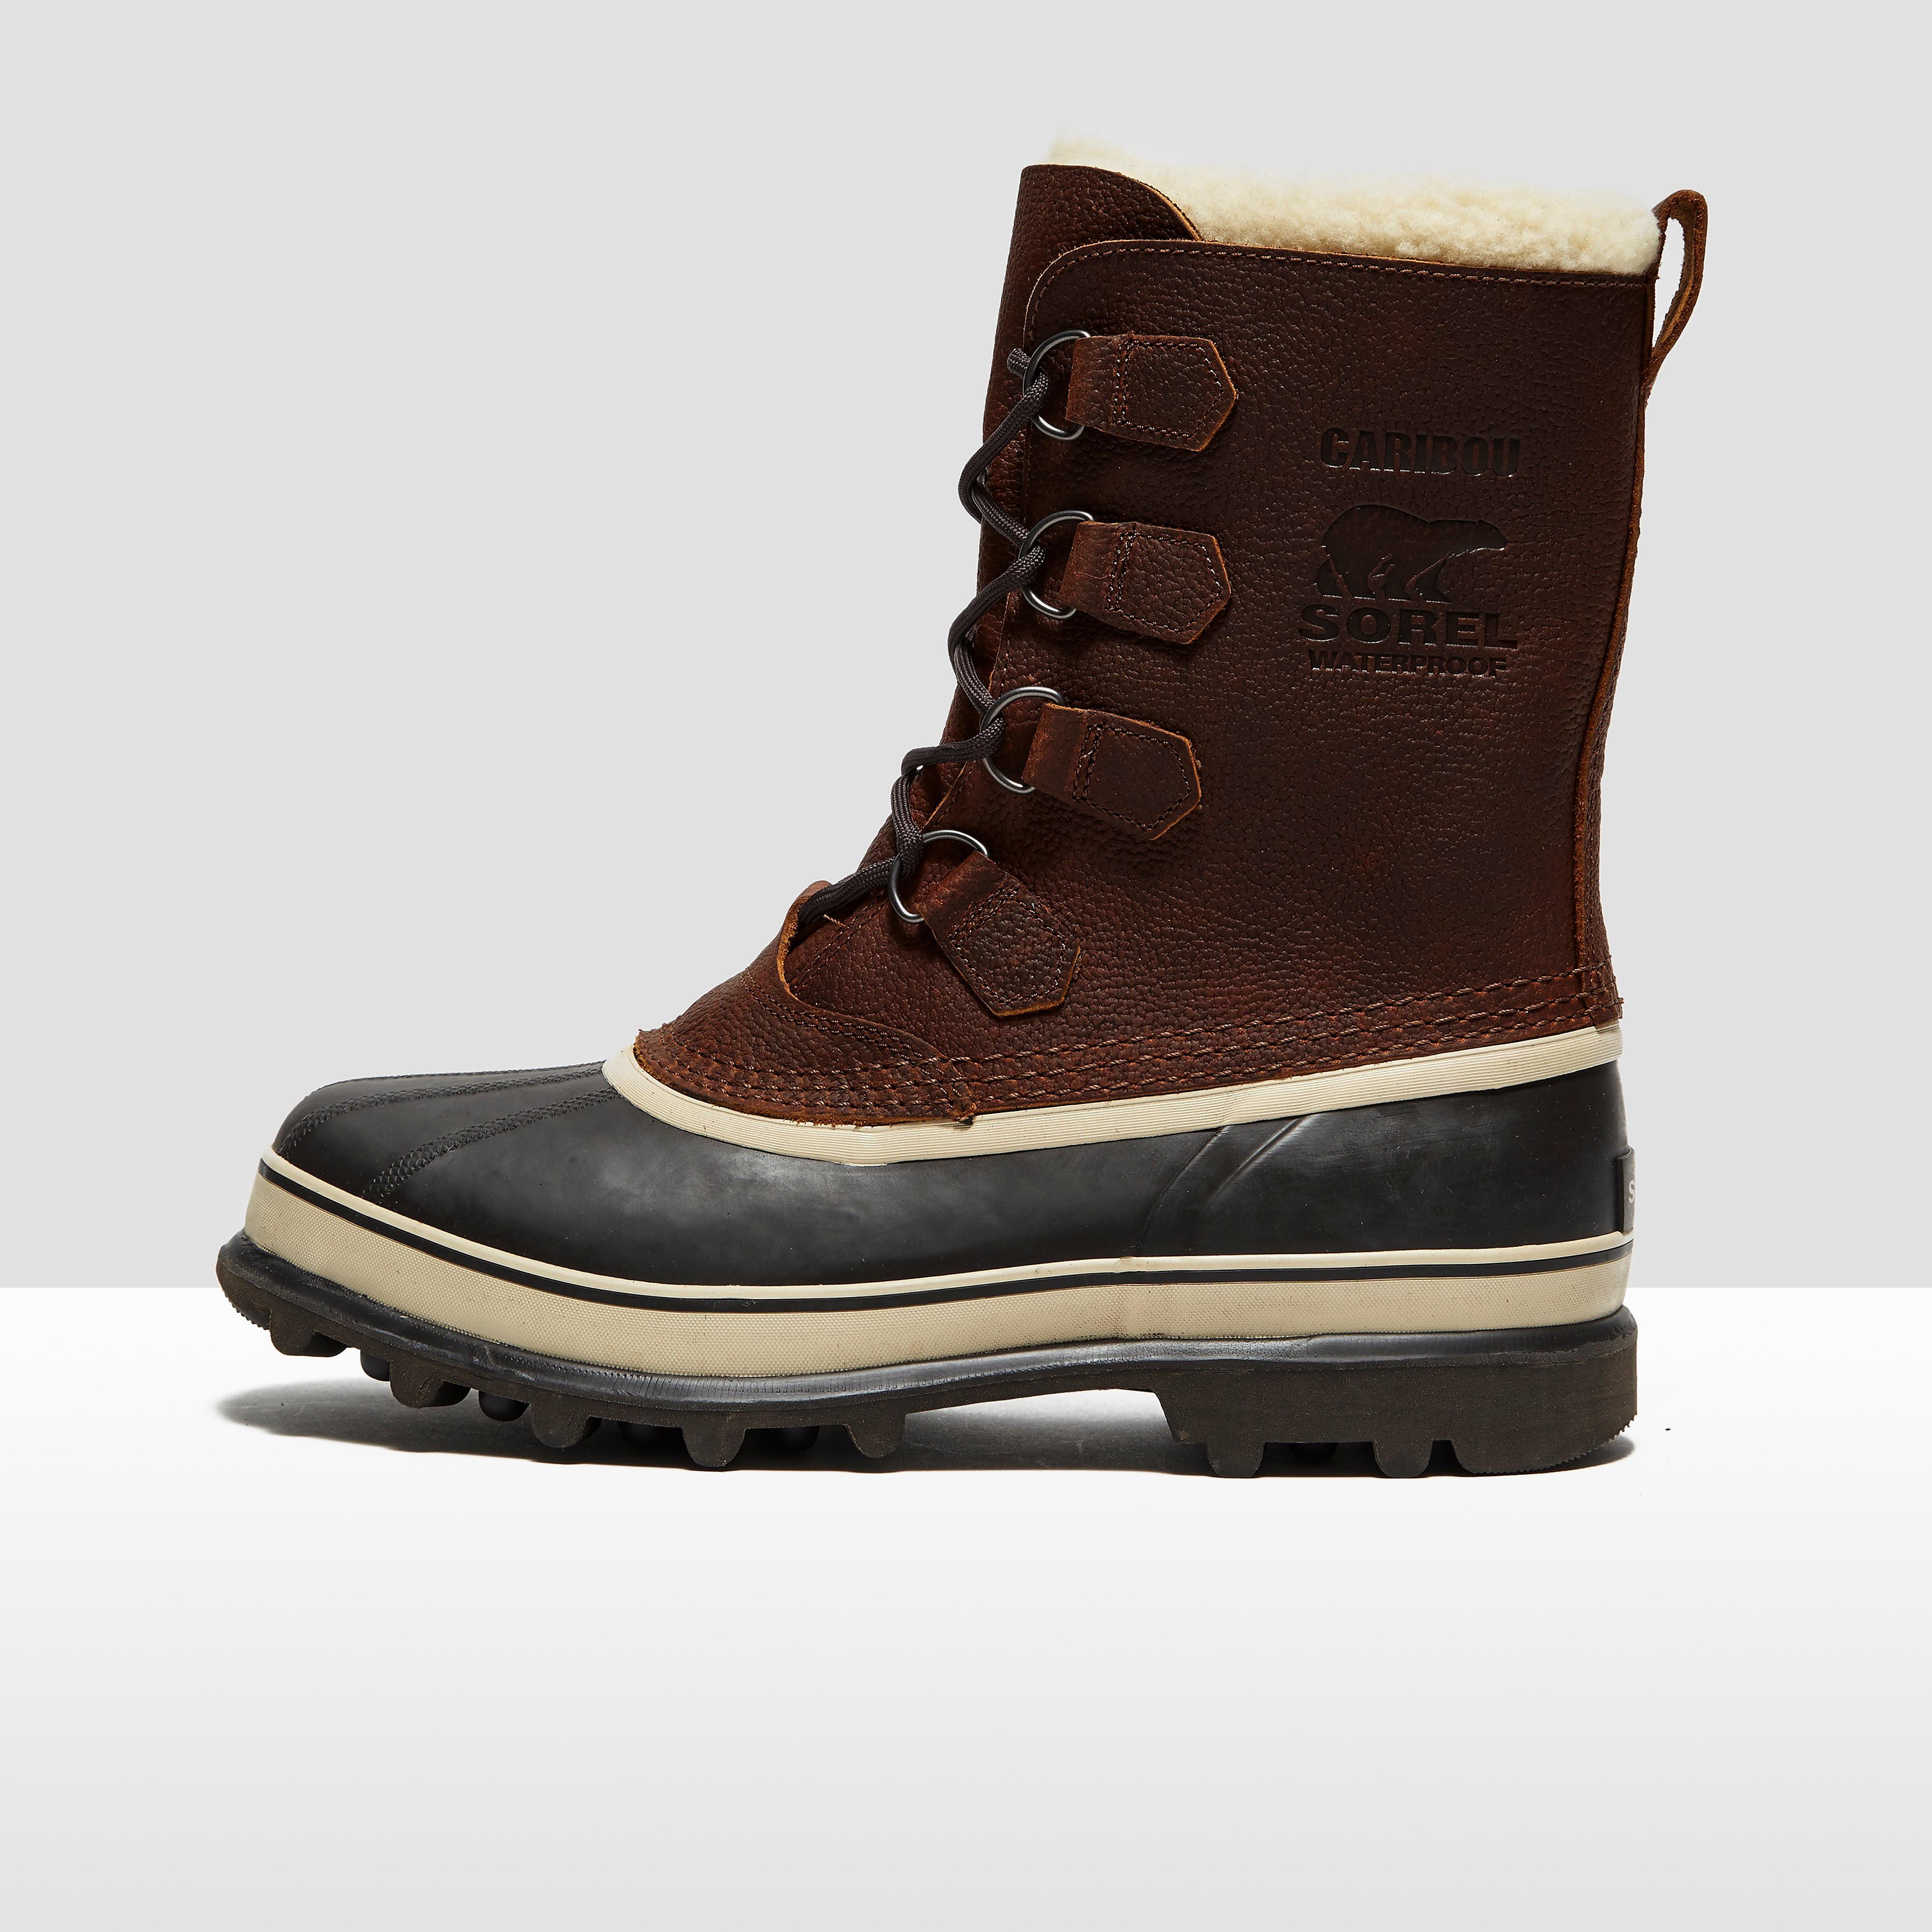 Sorel Sorel Caribou Winter Men's Boots